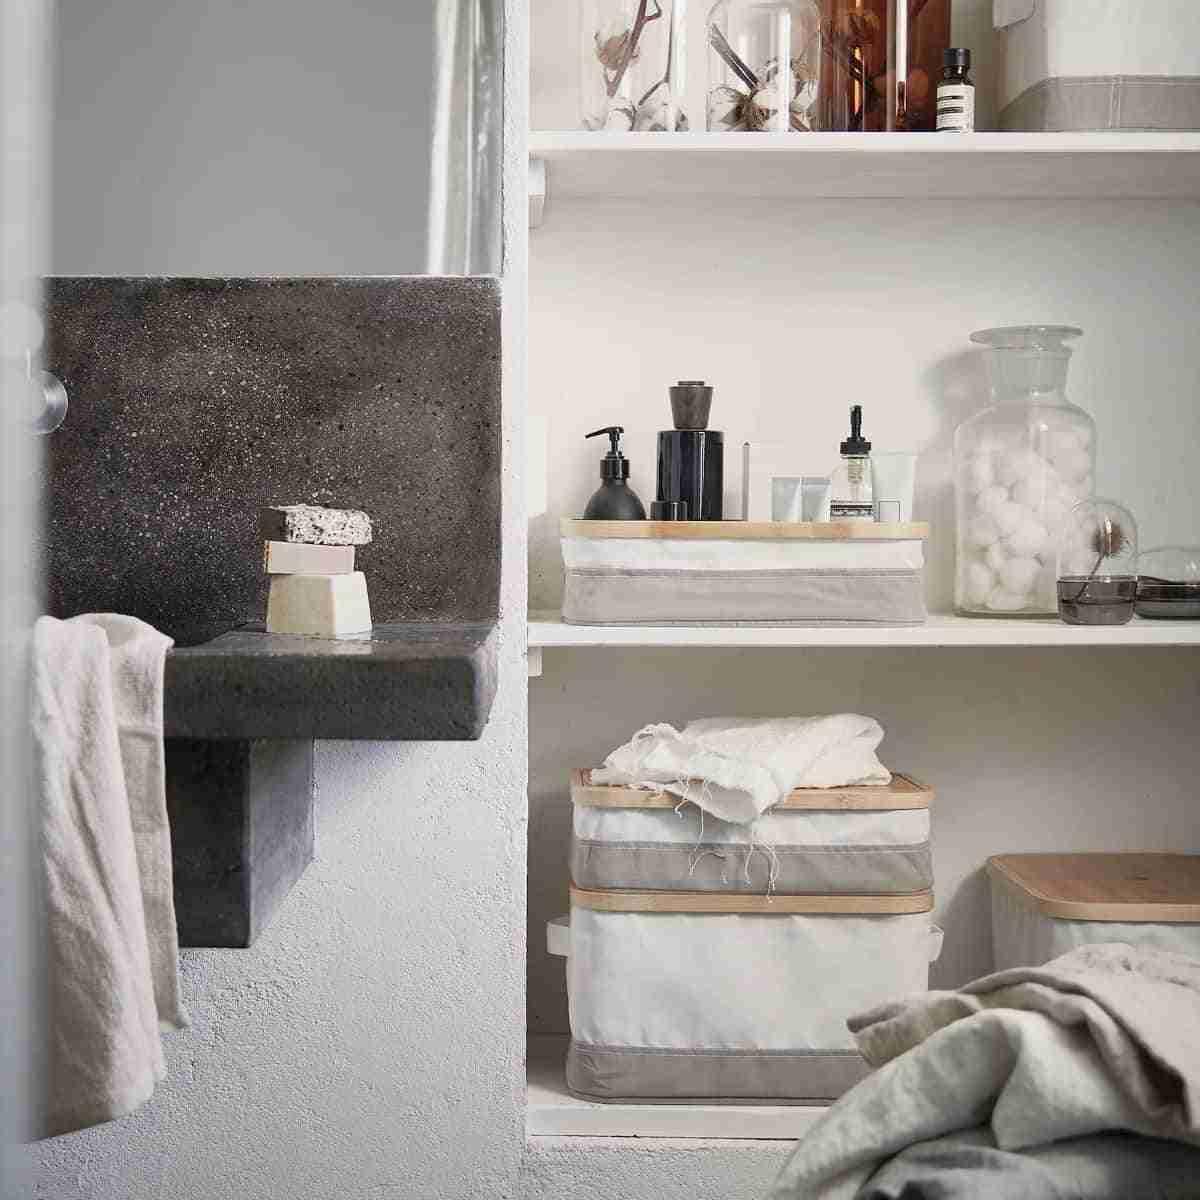 cajas para guardar ropa de ikea